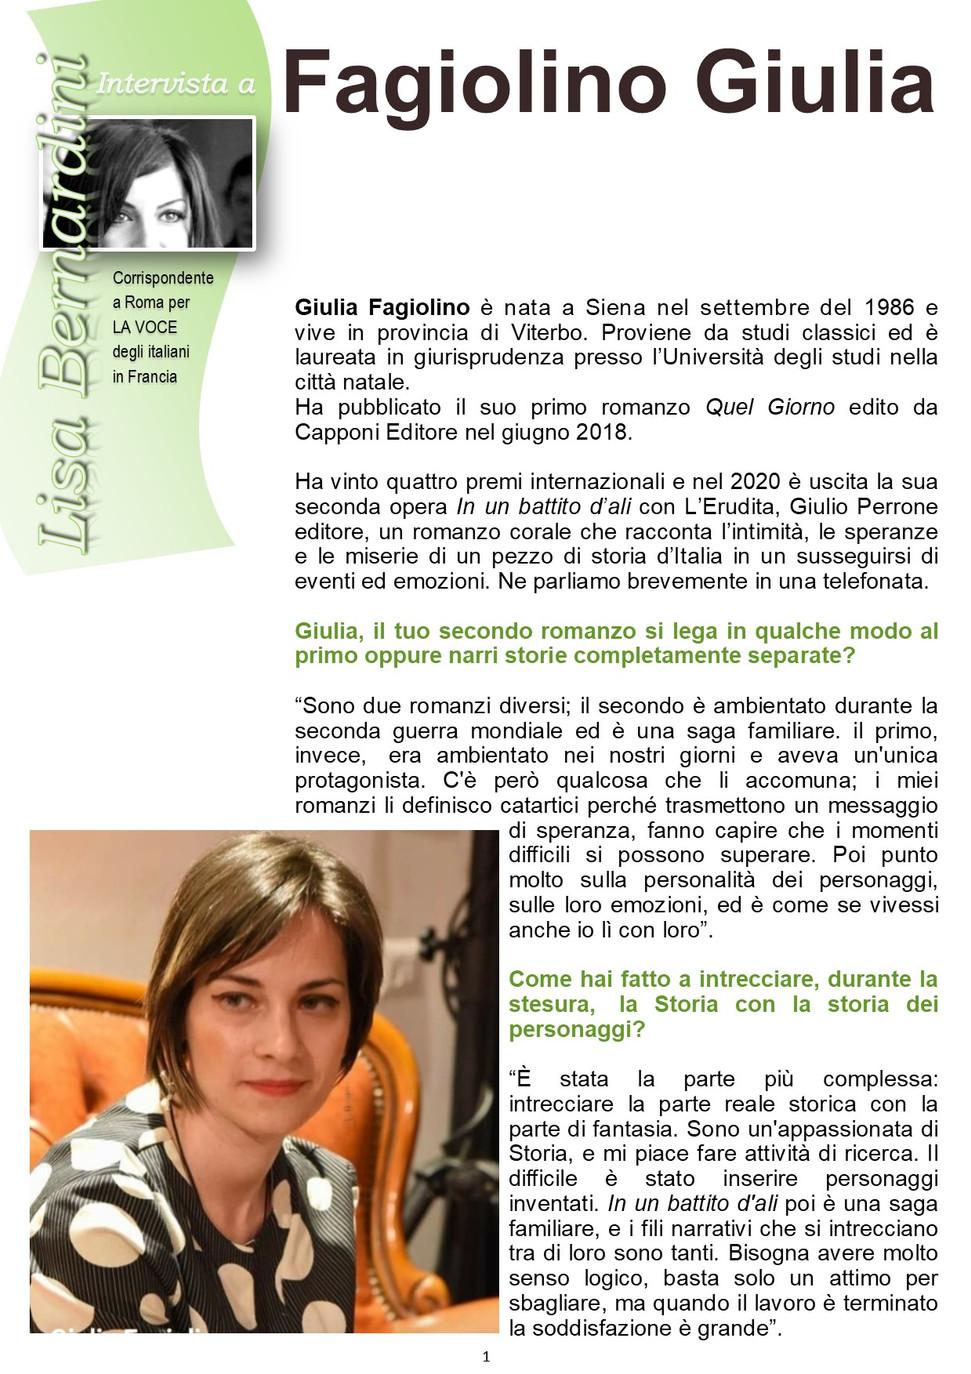 Fagiolino 1 Giuluia  18052021.jpg